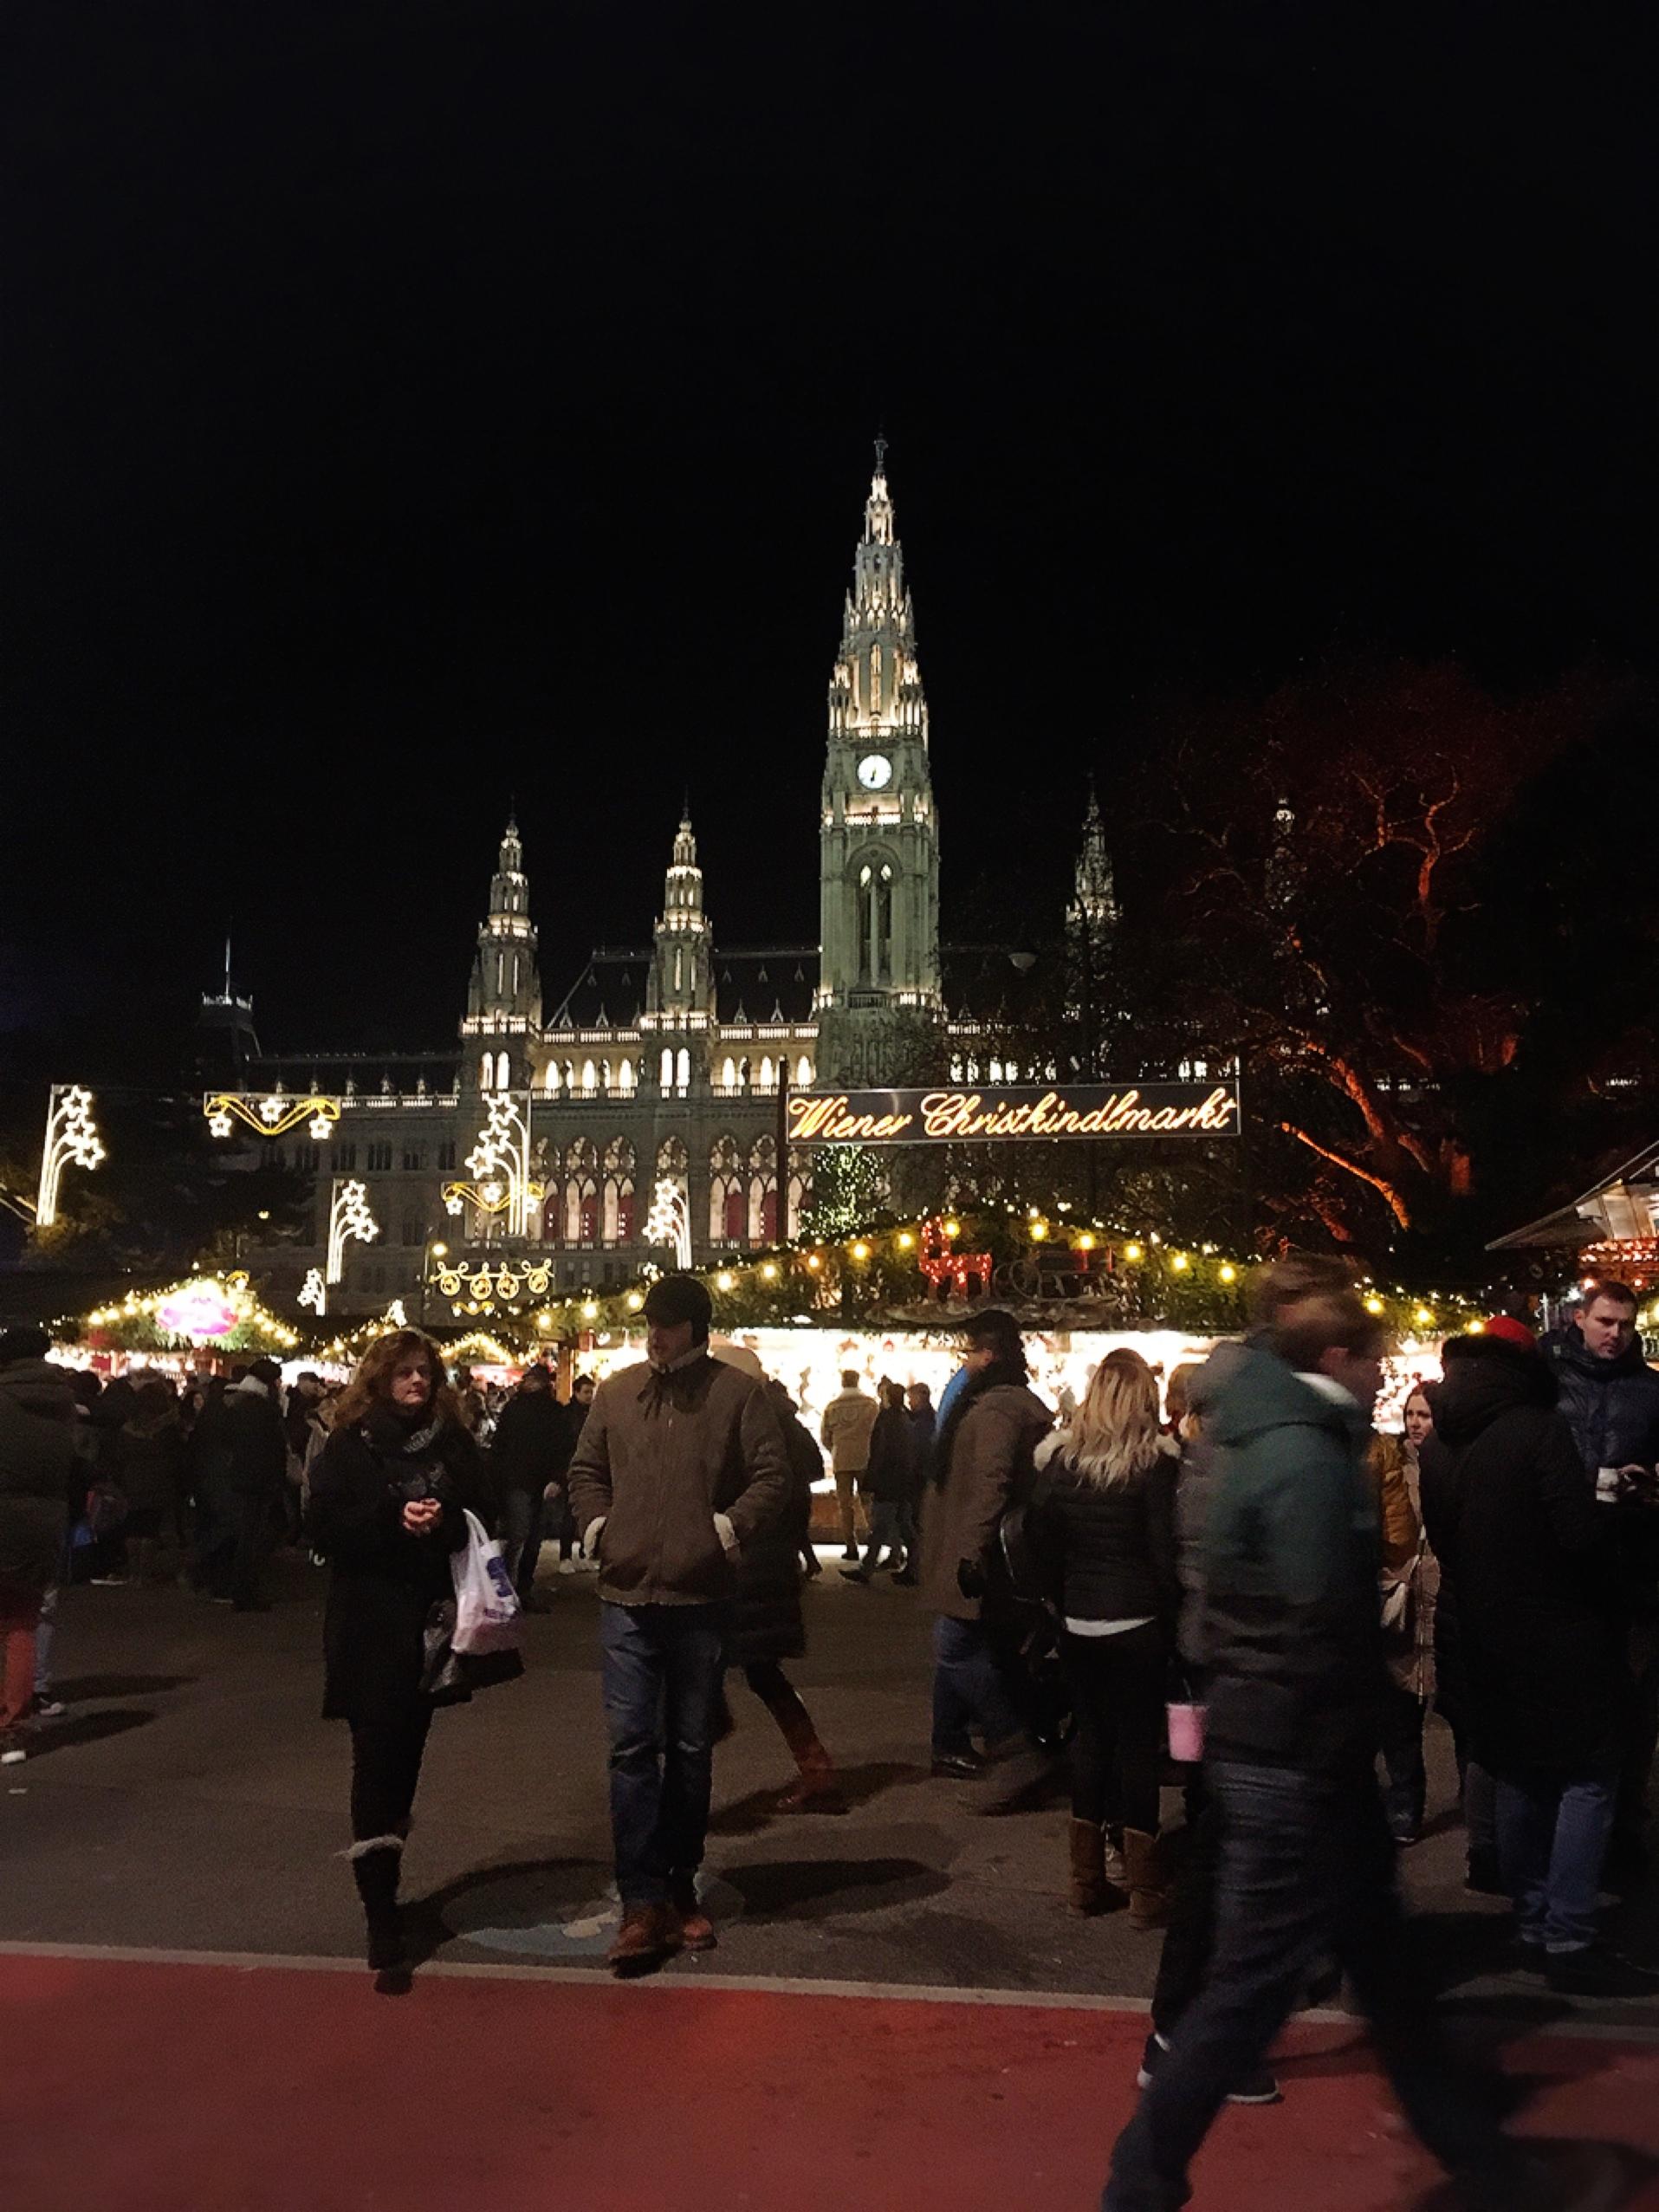 ウィーン市庁舎のマーケット_1_1